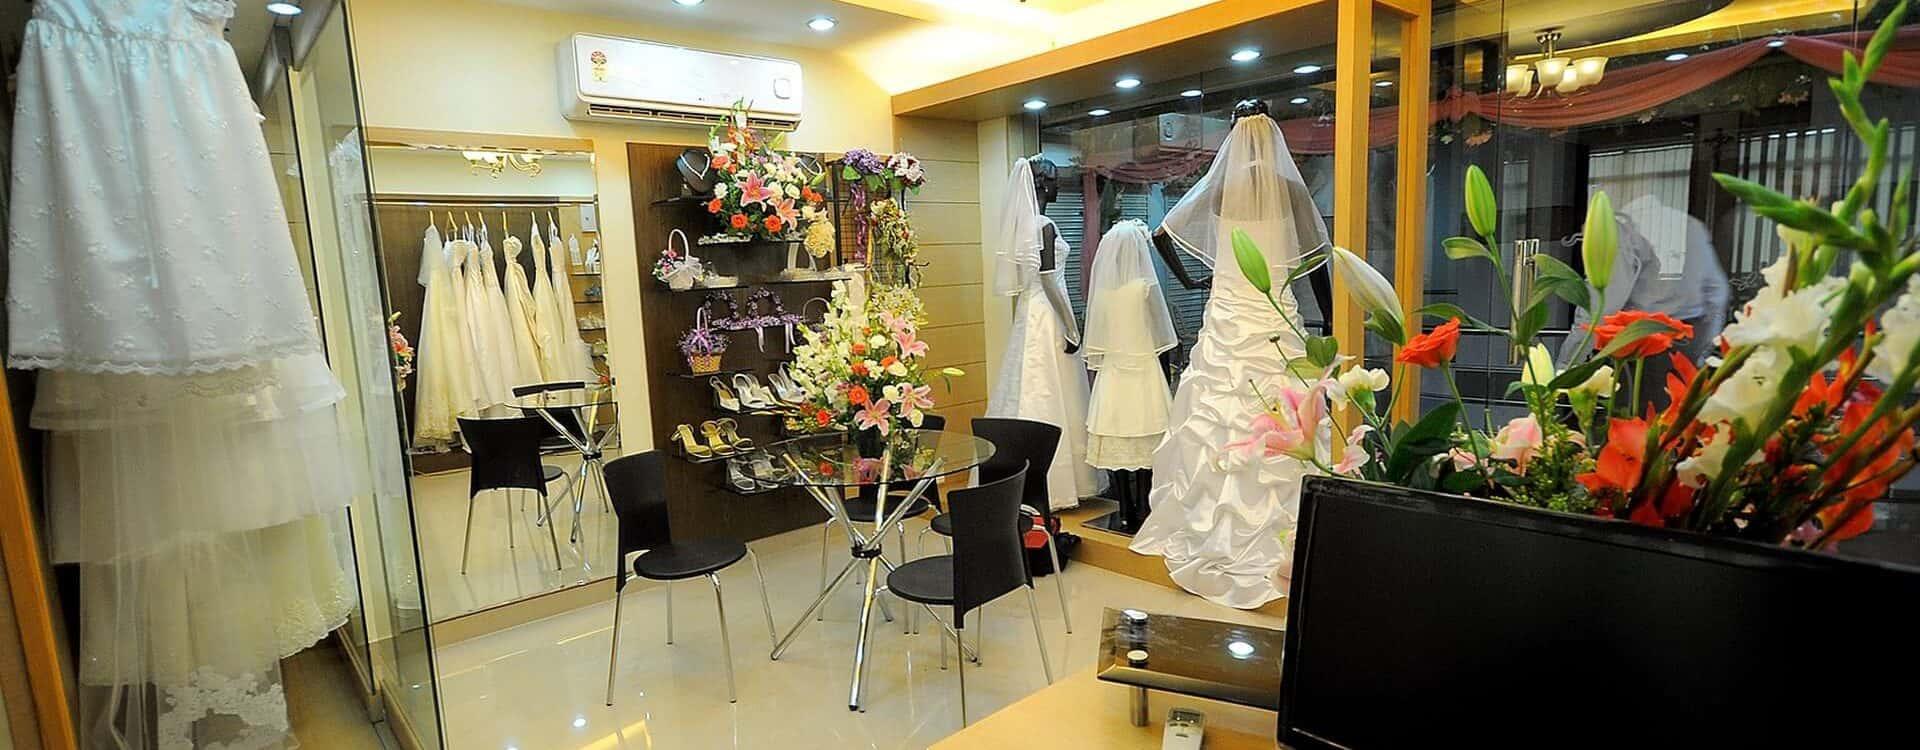 Concetta Bridals at Pio mall, Bejai, Mangalore